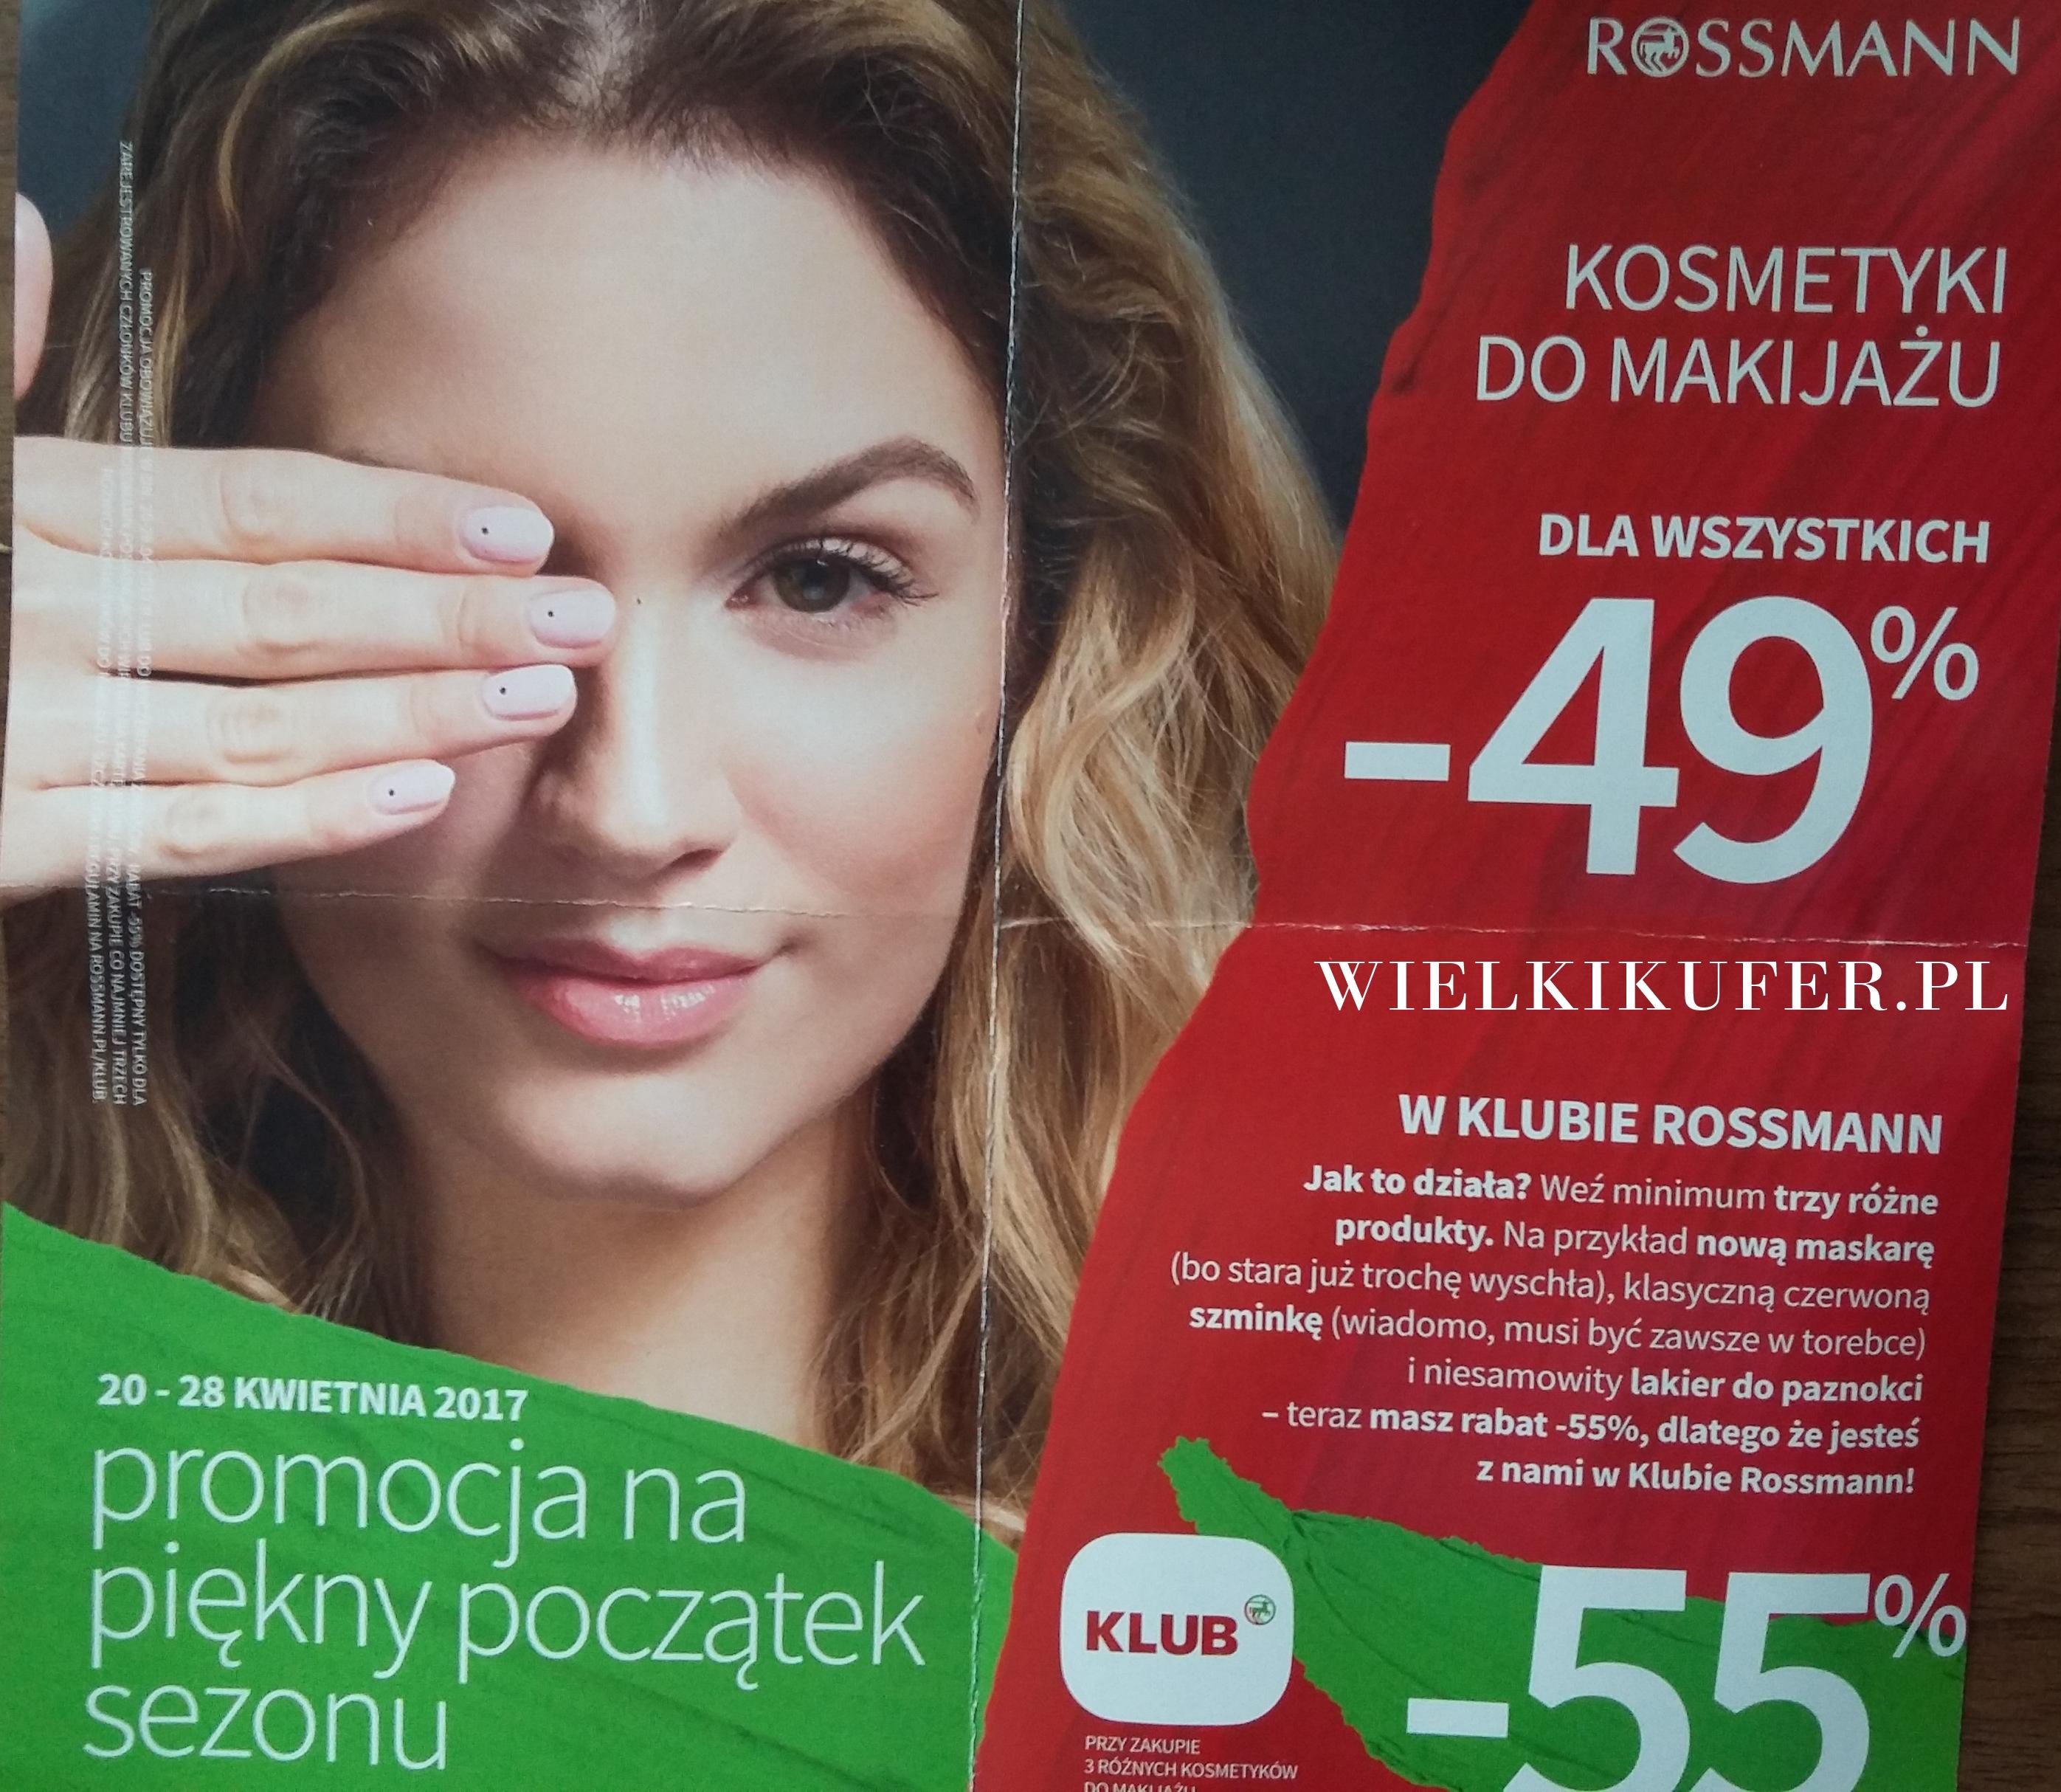 Rossmann  – promocja na kosmetyki do makijażu -49%, -55% – co warto kupić w dniach 20-28 kwietnia?